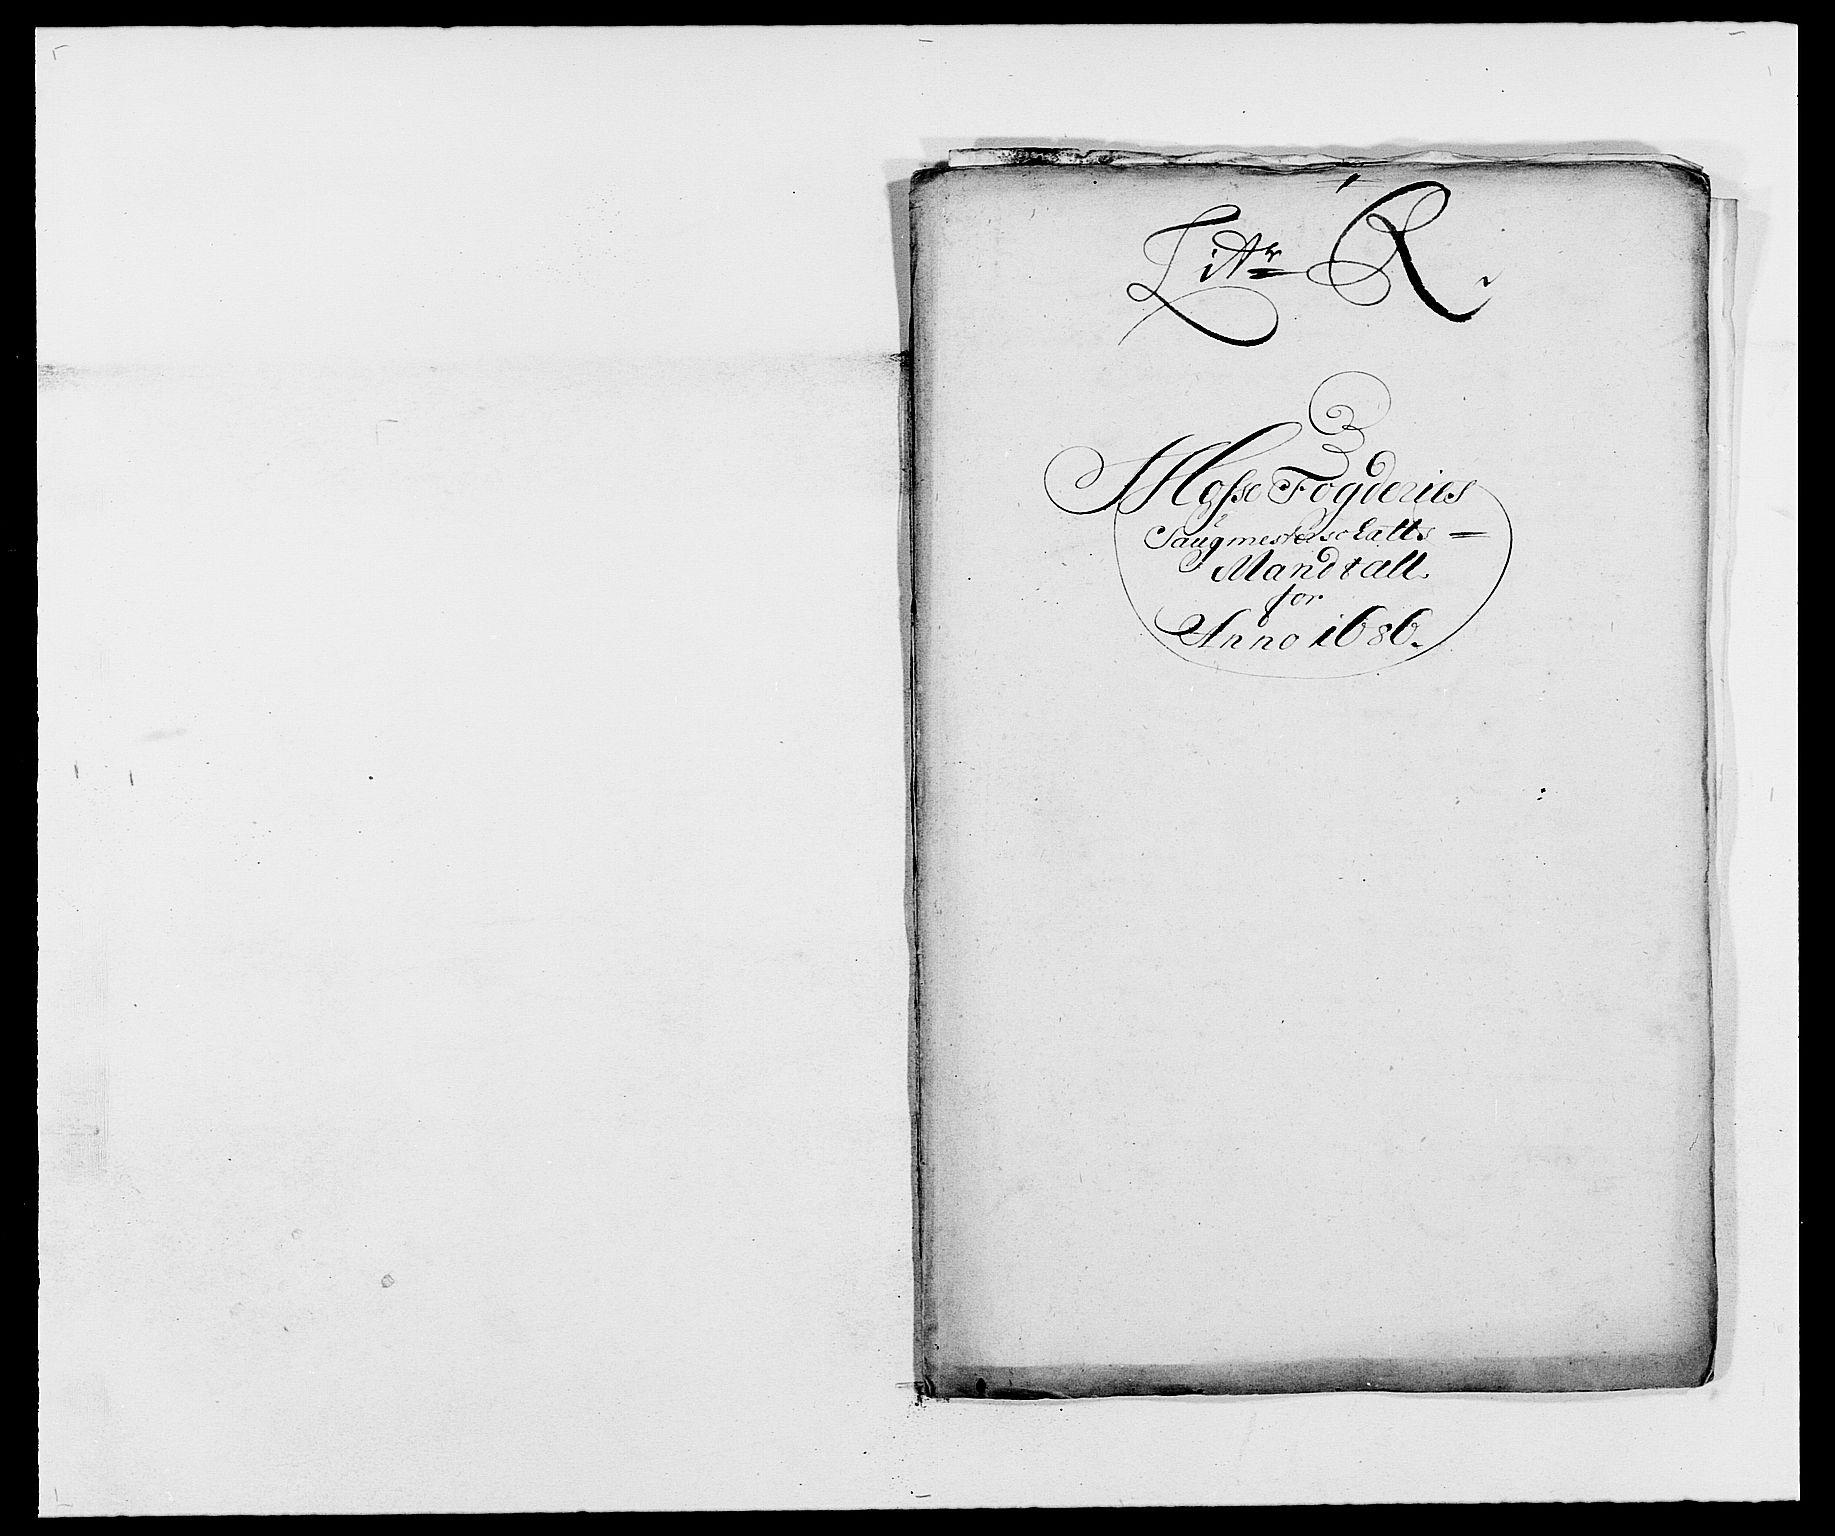 RA, Rentekammeret inntil 1814, Reviderte regnskaper, Fogderegnskap, R02/L0105: Fogderegnskap Moss og Verne kloster, 1685-1687, s. 238